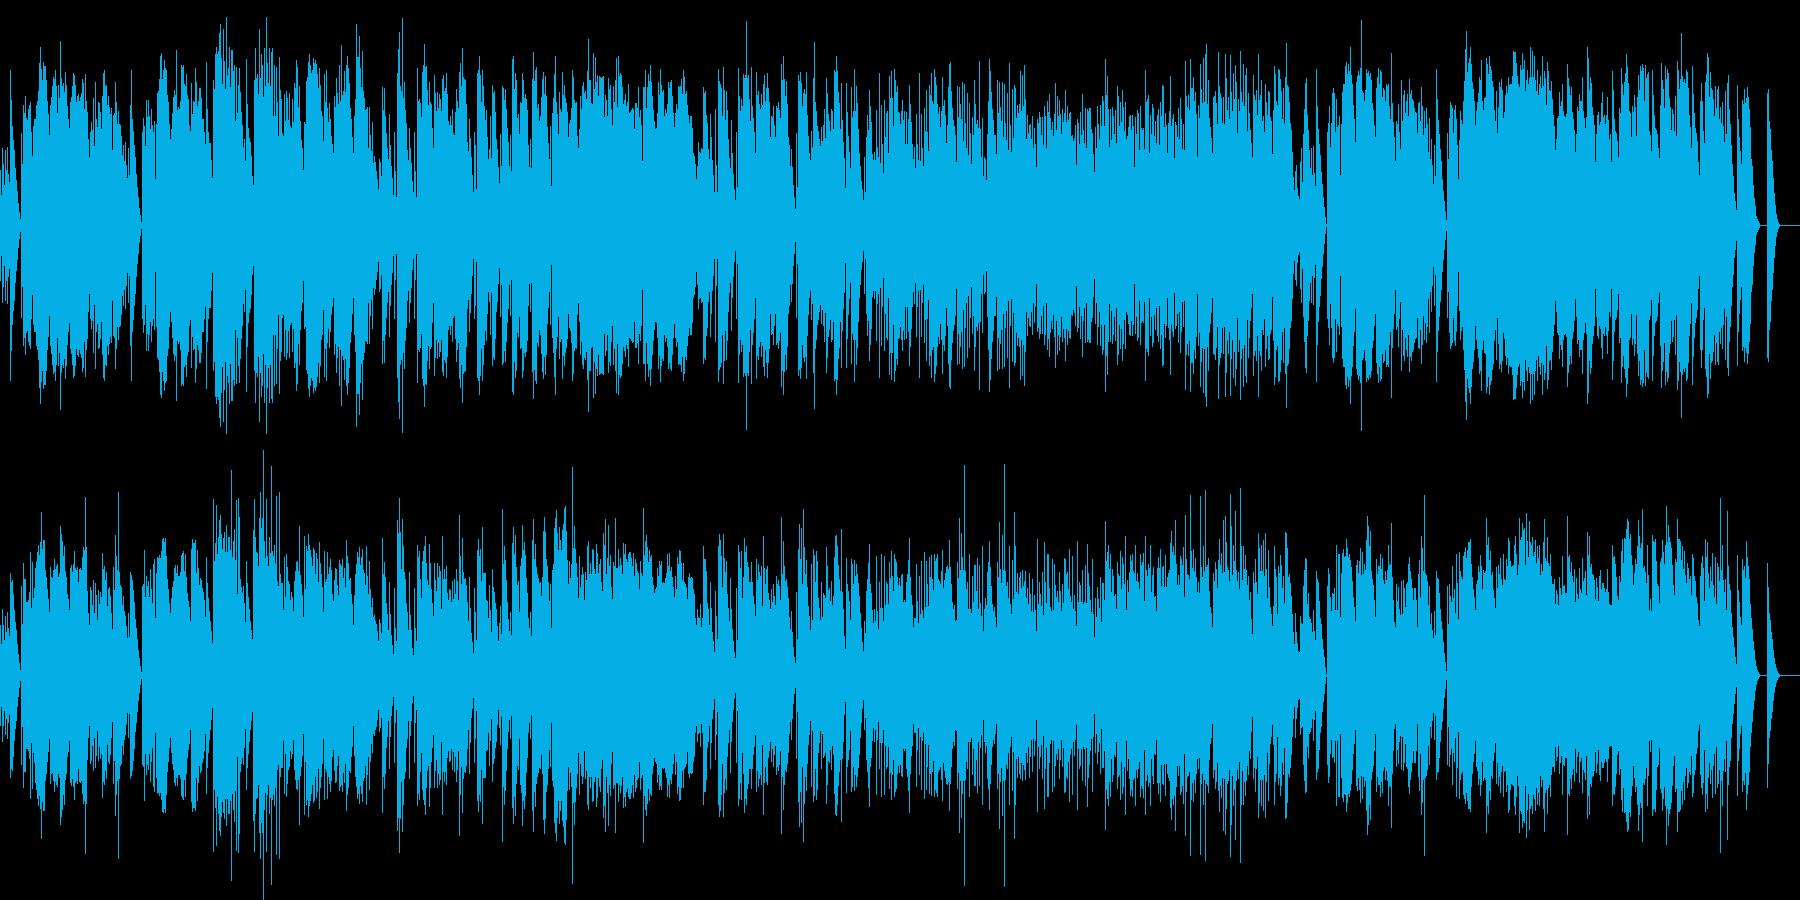 ベルガマスク組曲 前奏曲 オルゴールの再生済みの波形